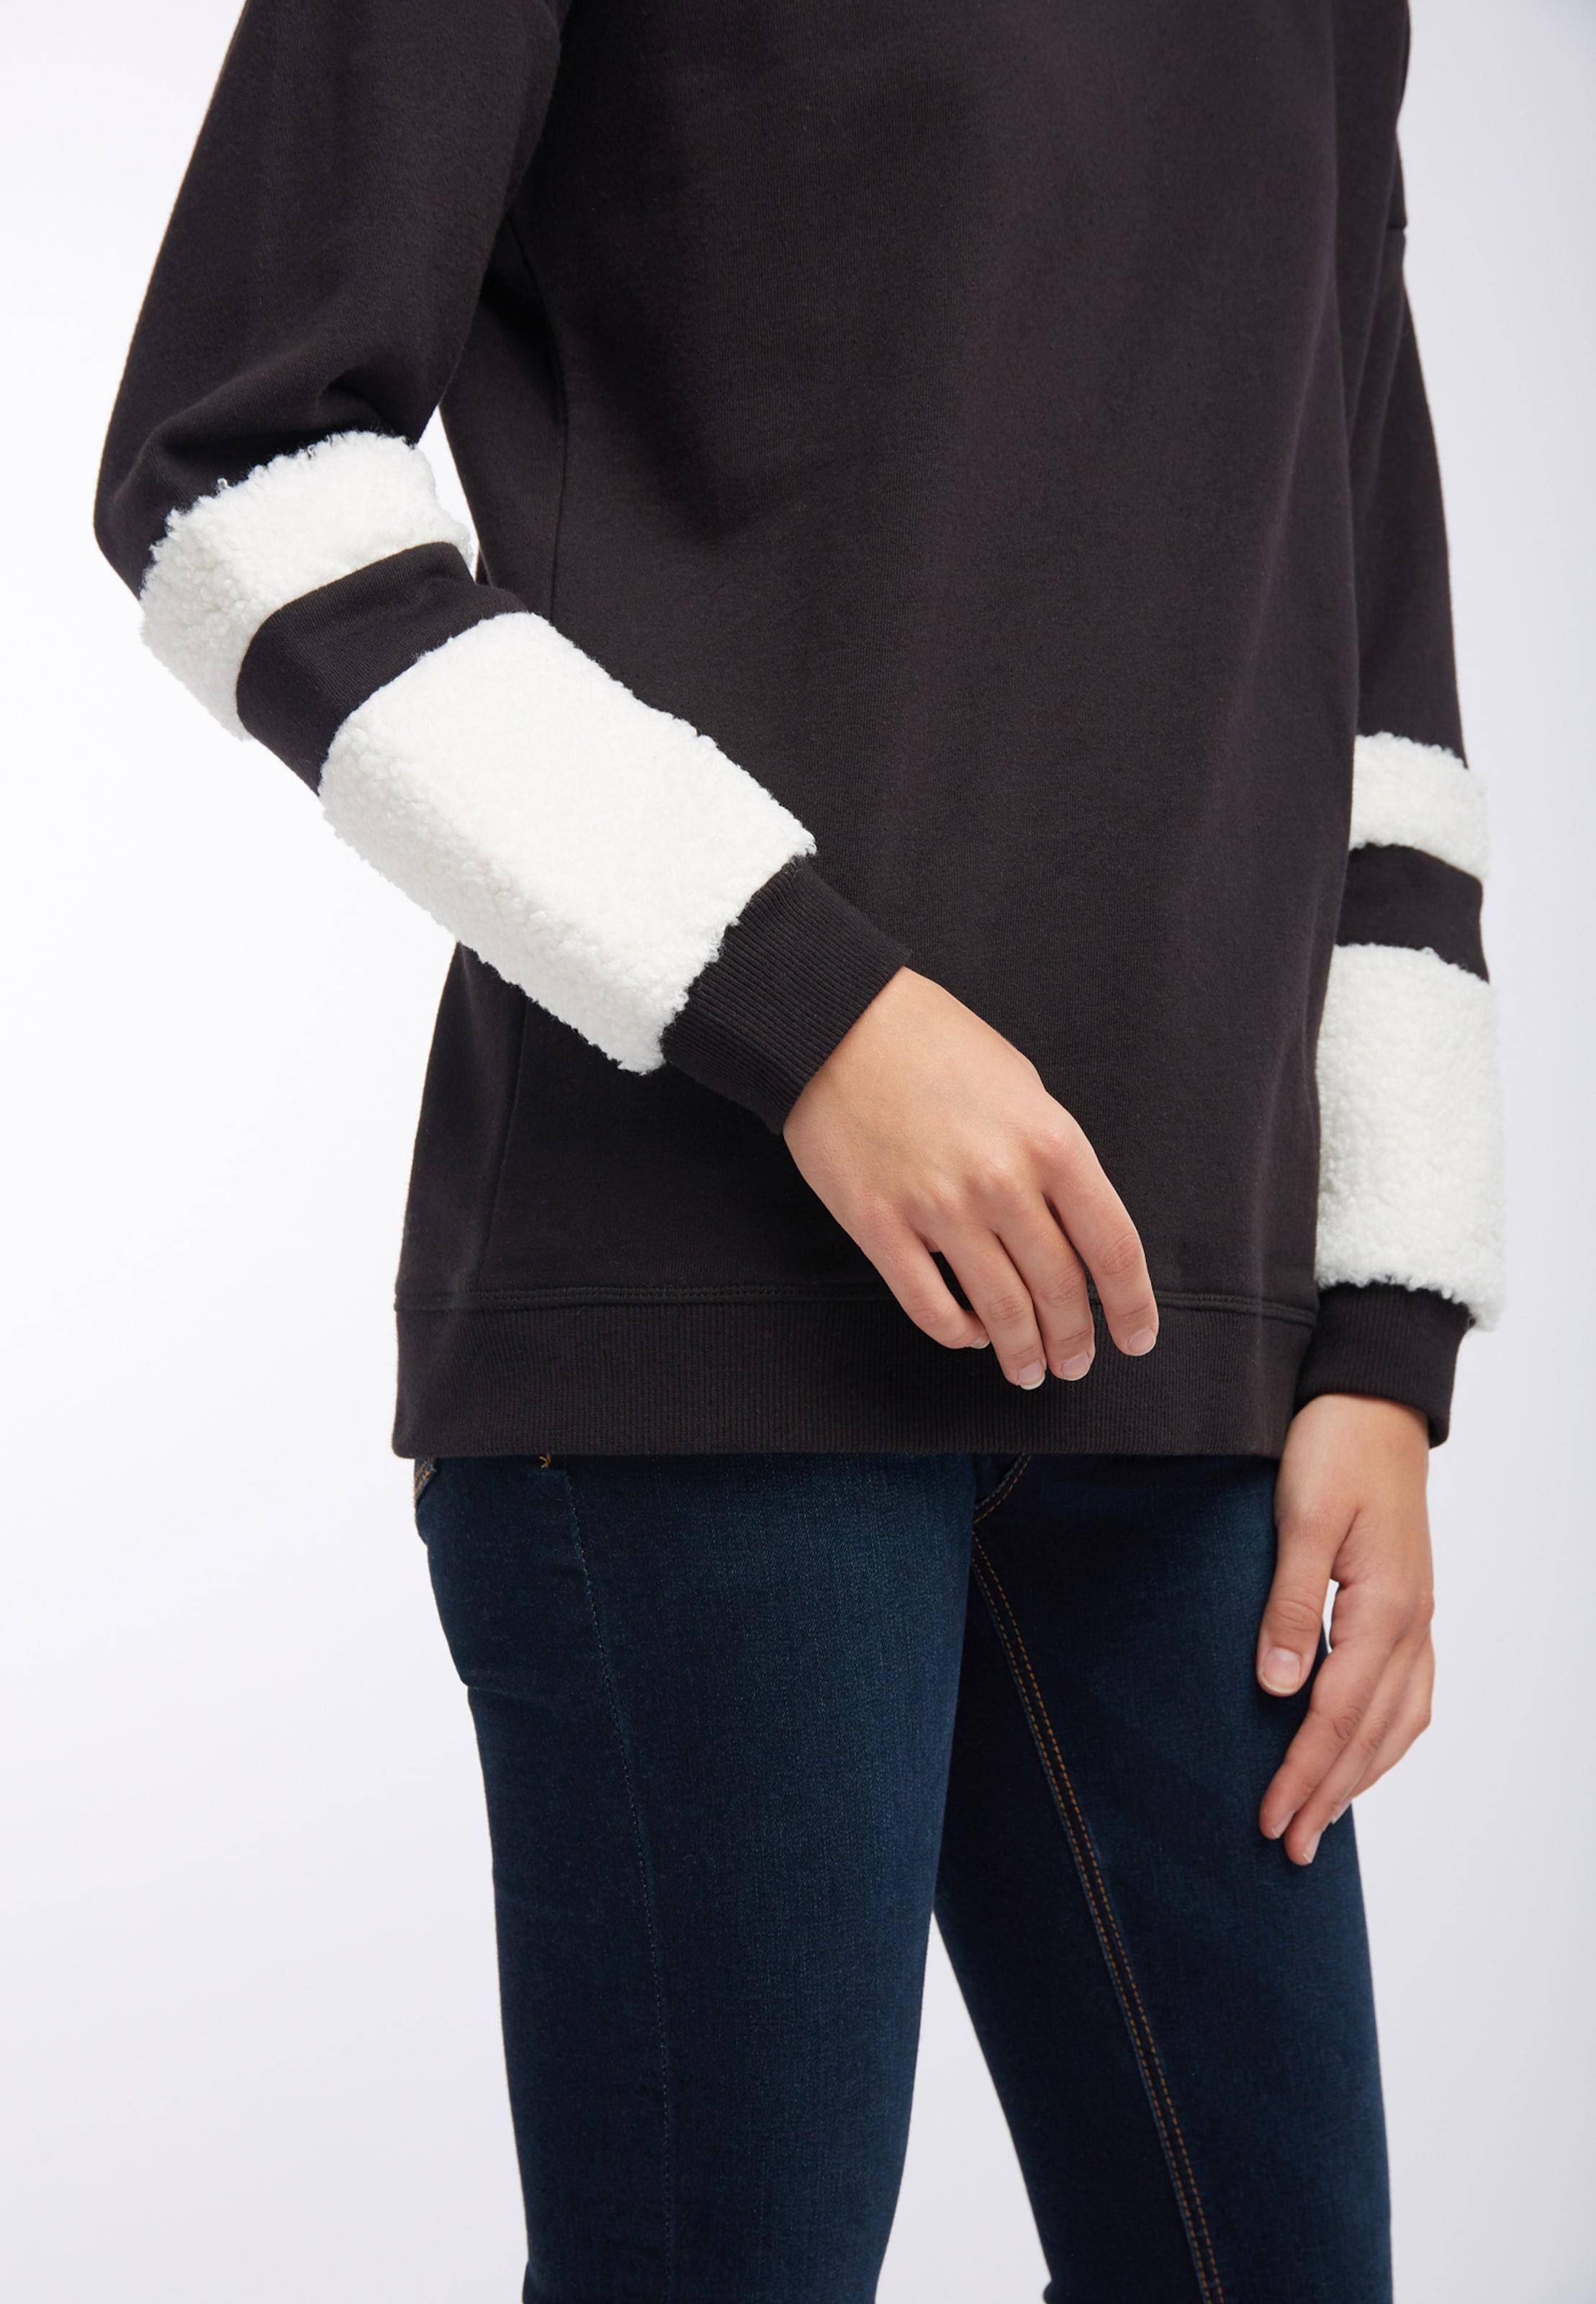 Sweatshirt Mymo In Mymo SchwarzWeiß Sweatshirt SchwarzWeiß In IvYf6mb7gy